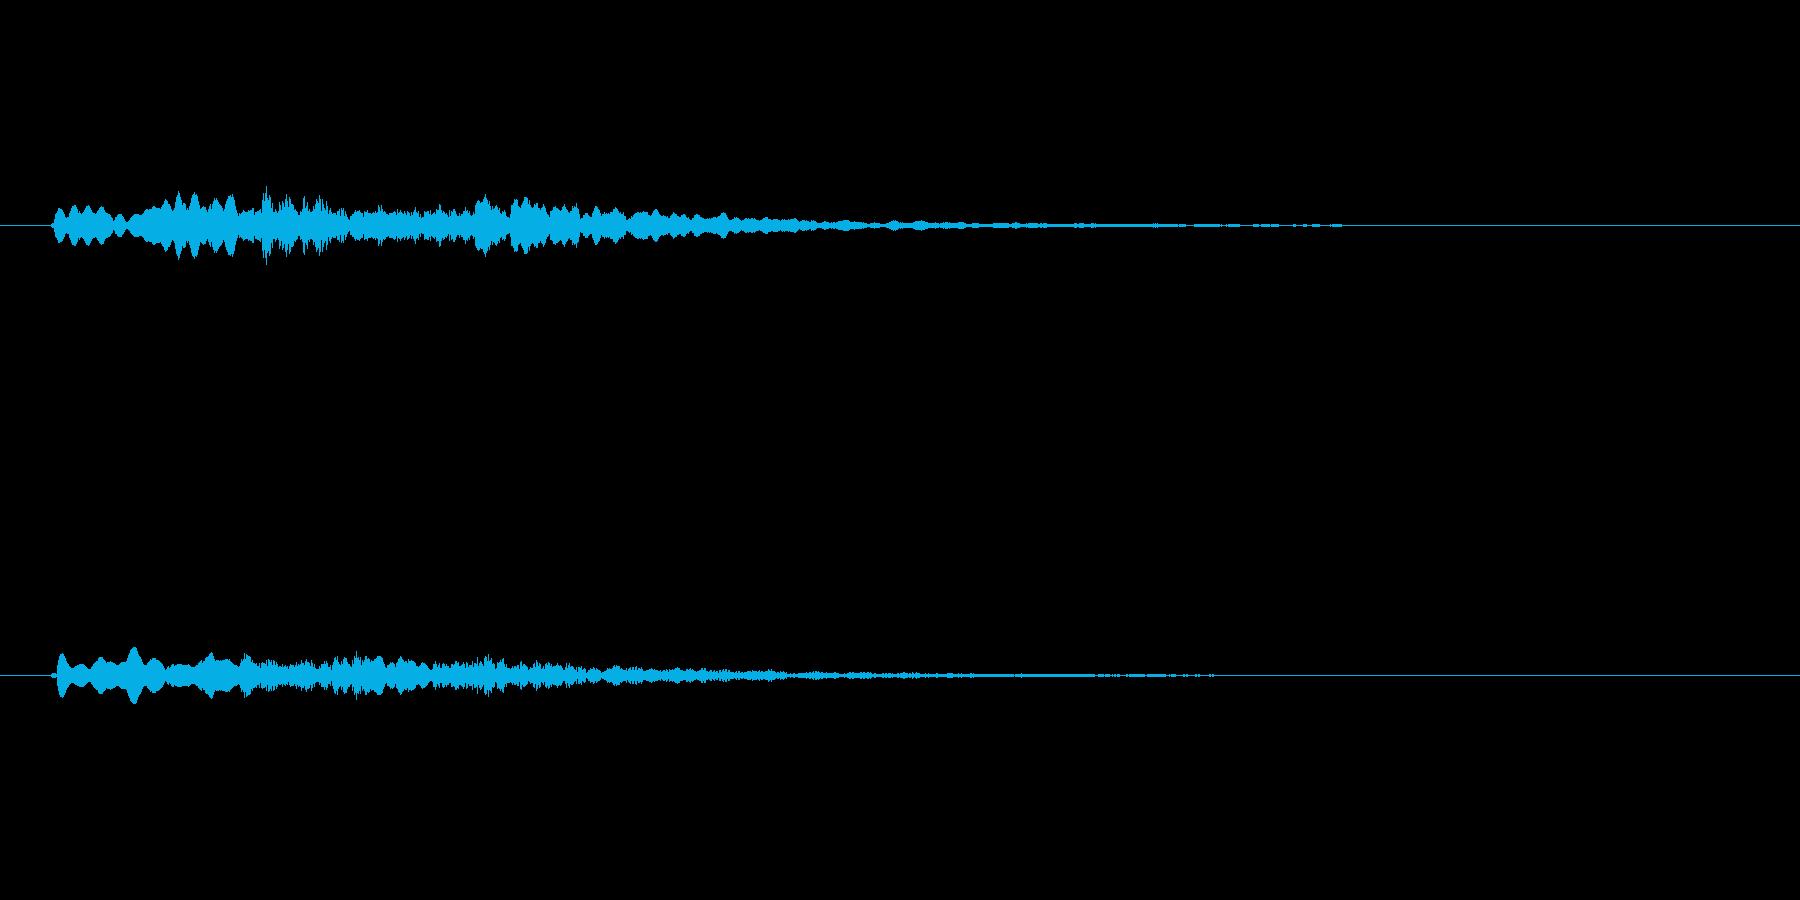 かわいいシンセのサウンドロゴ2の再生済みの波形